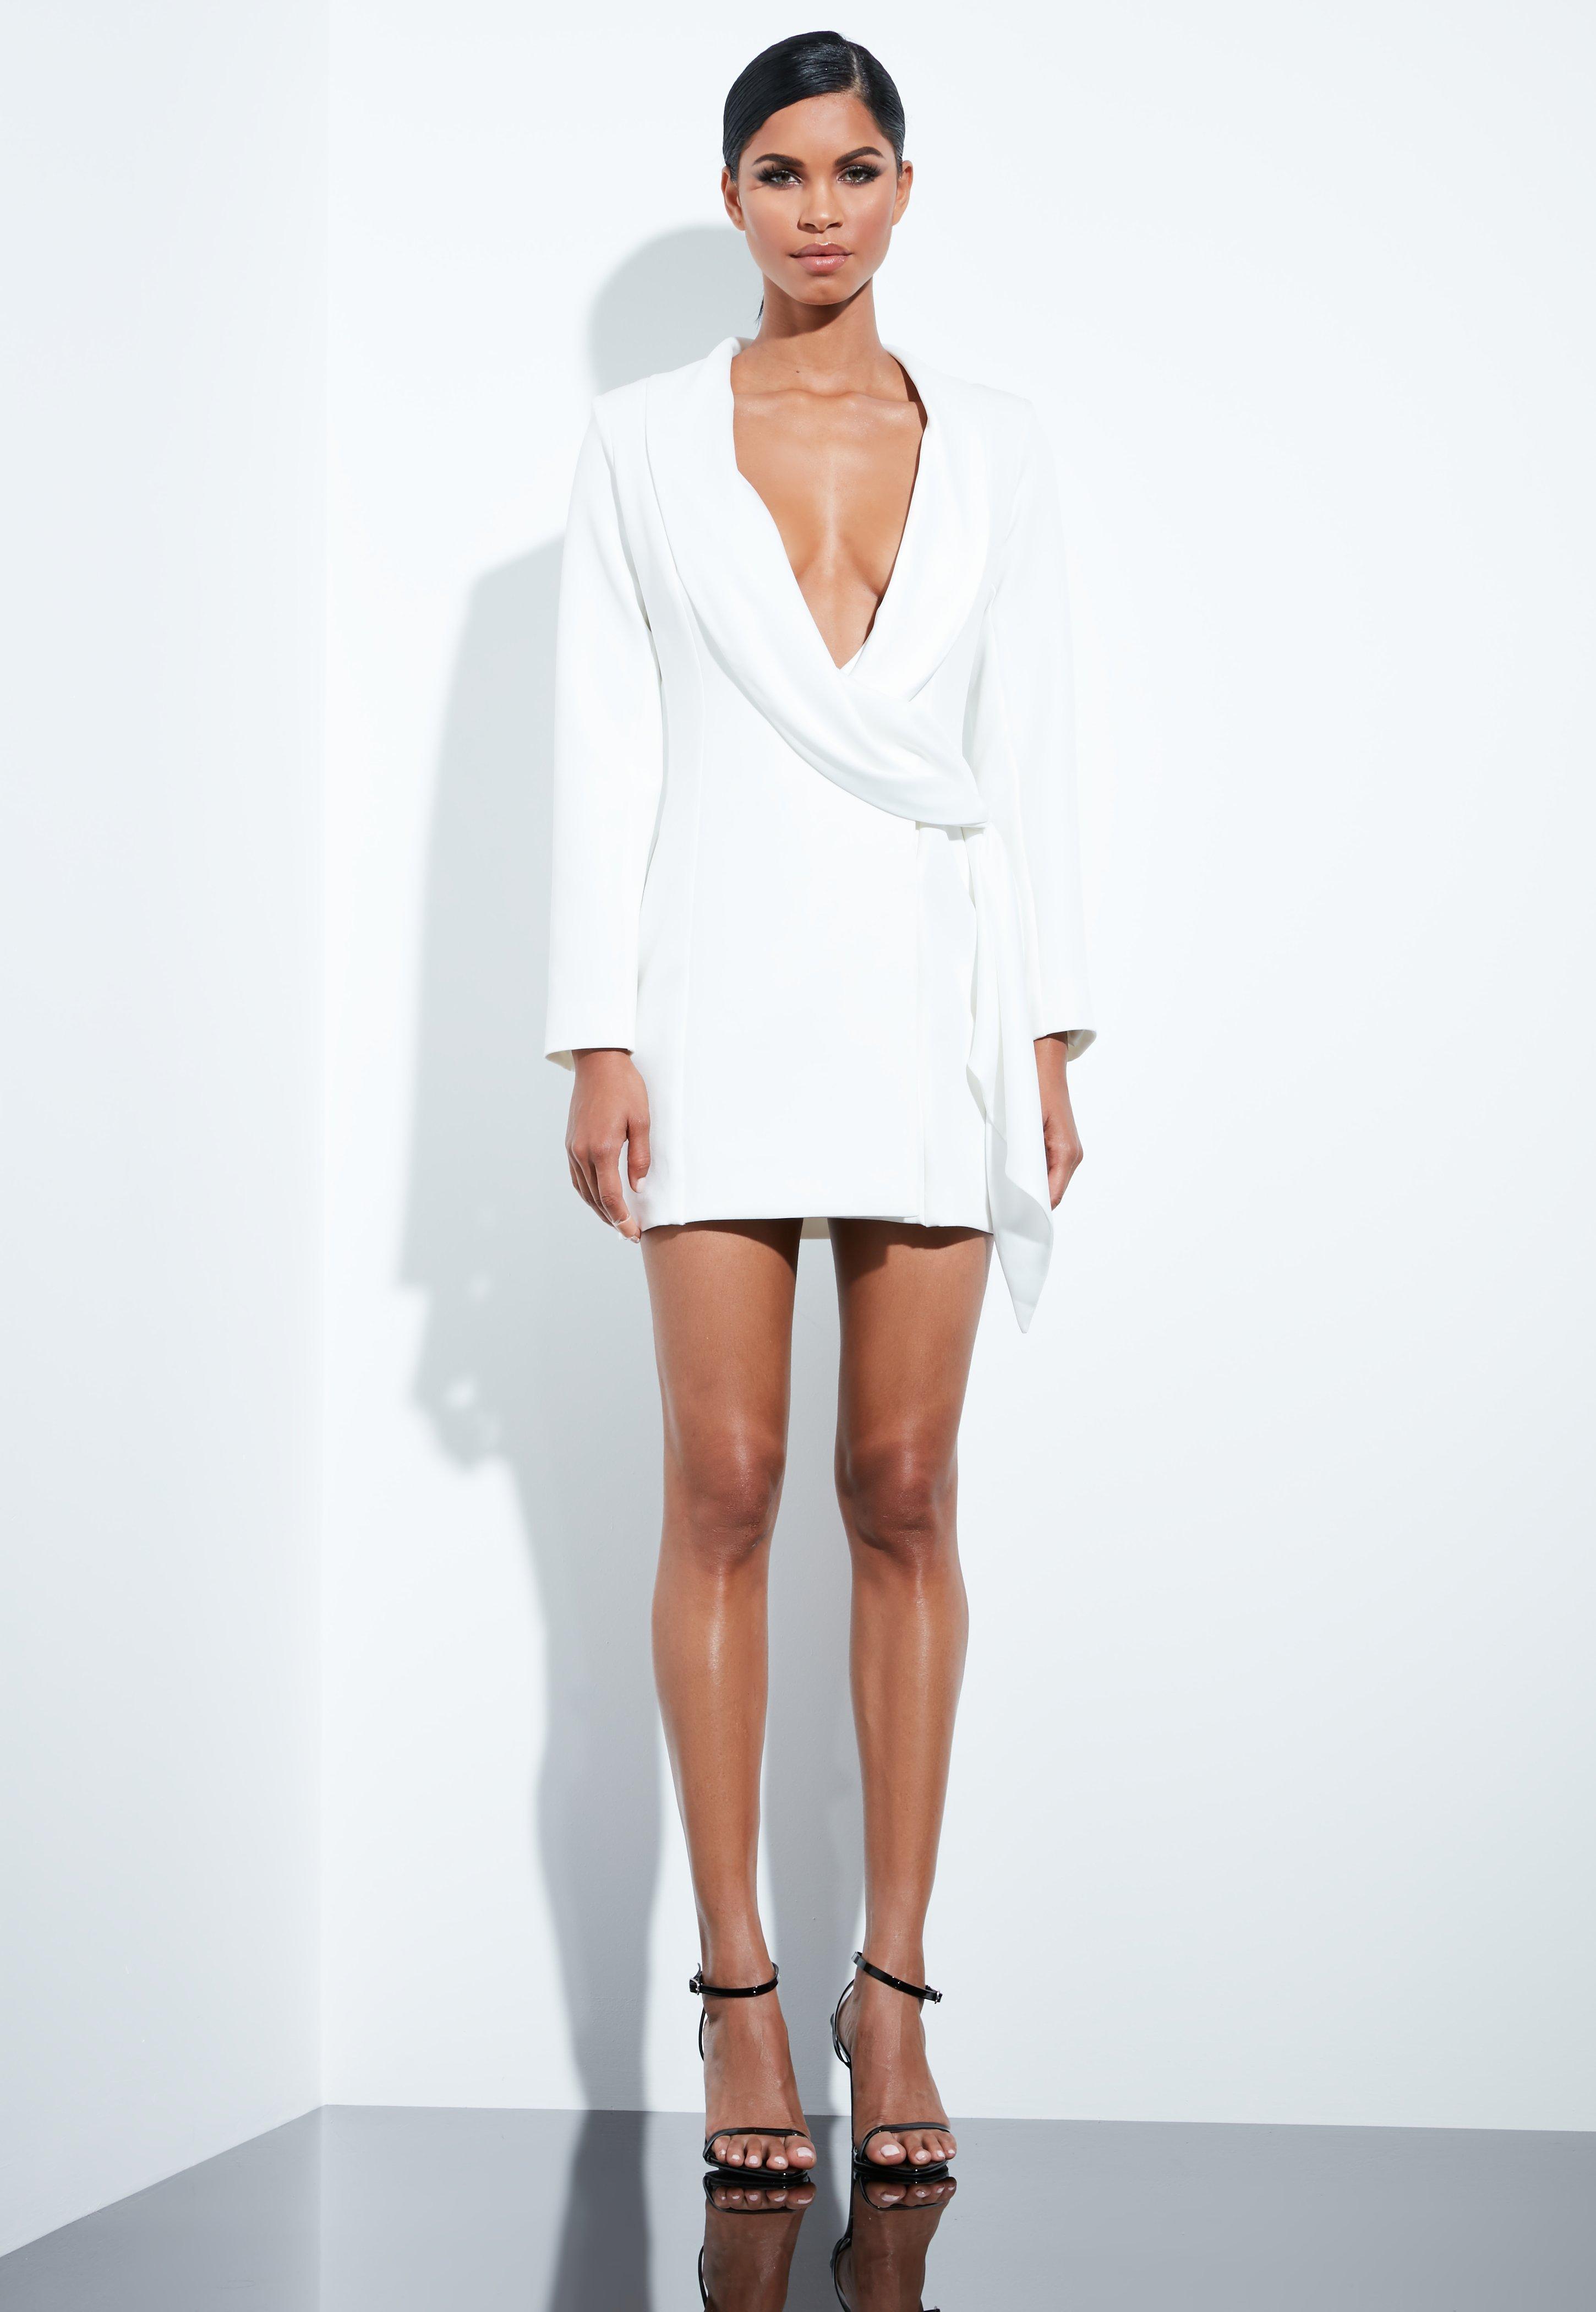 Vestido negro con saco blanco